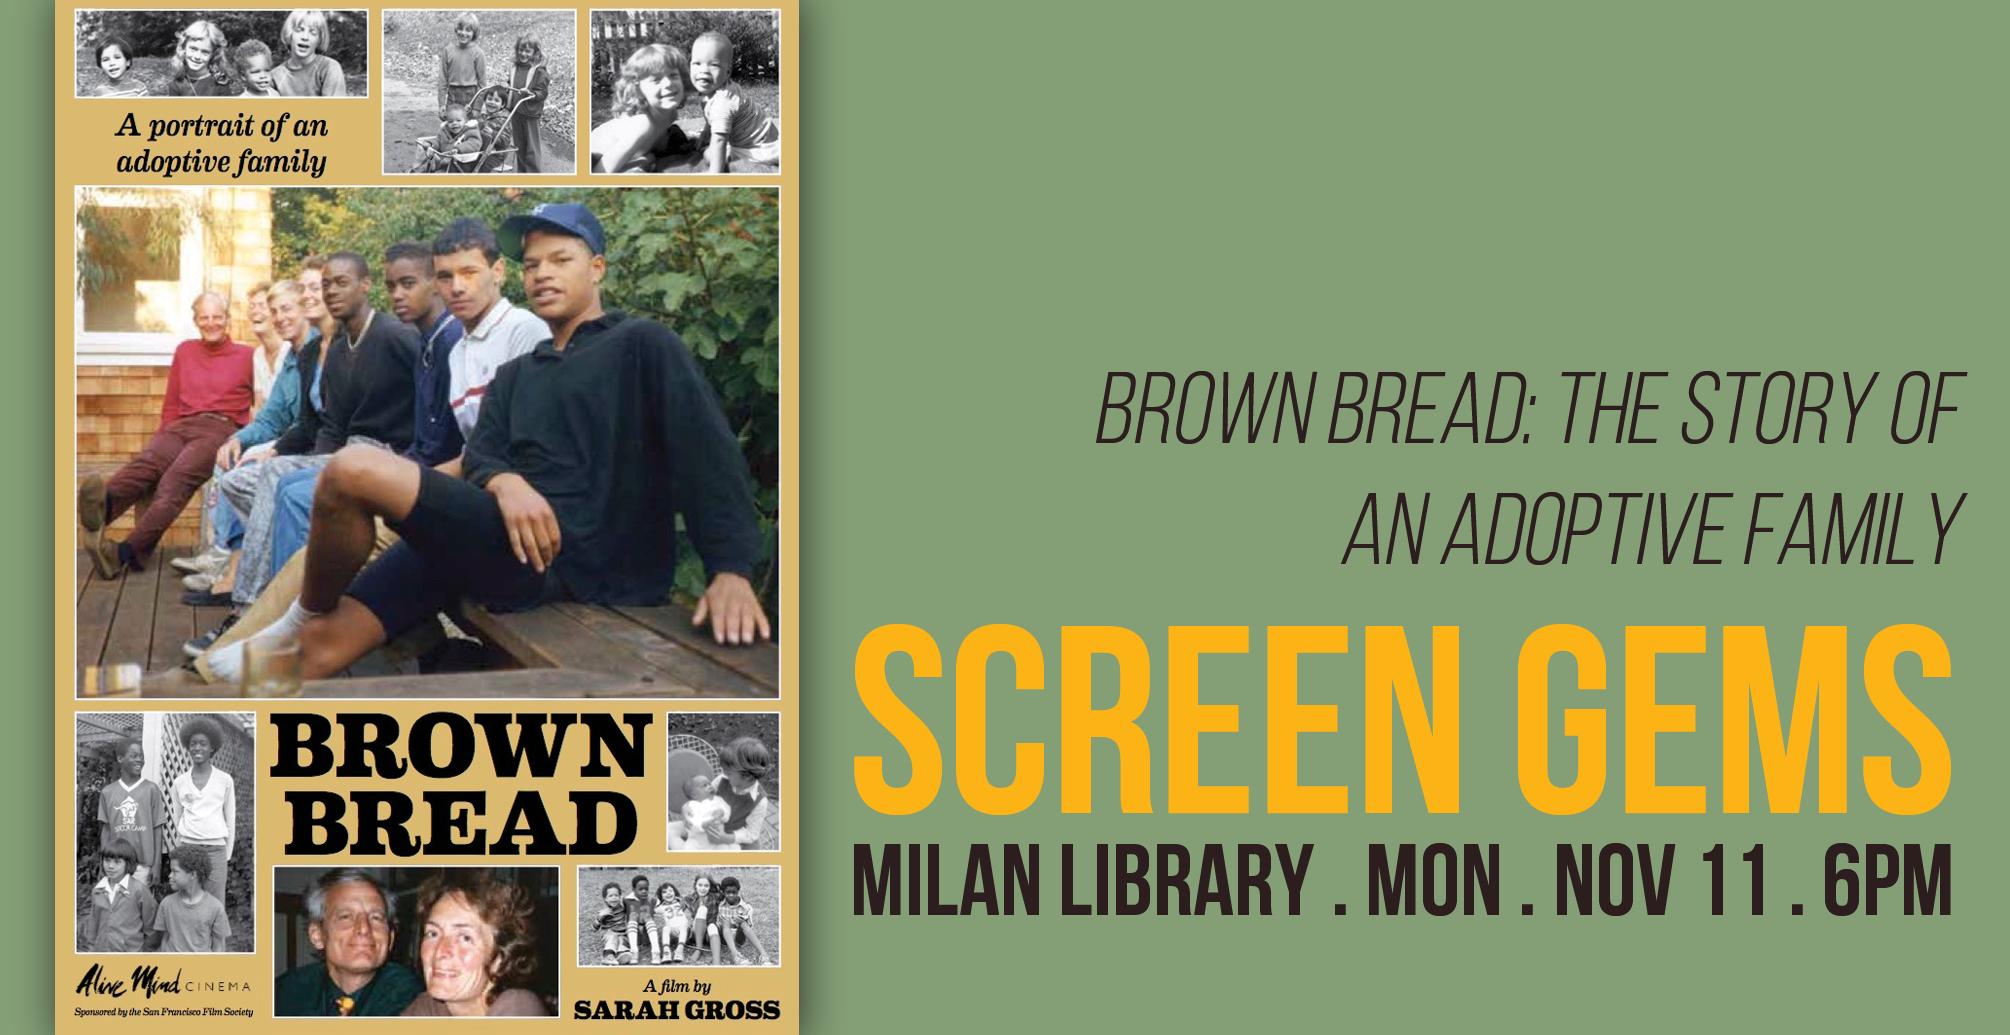 2019-11-LIBRARY-Milan-Screen-Gems-Brown-Bread-Slide